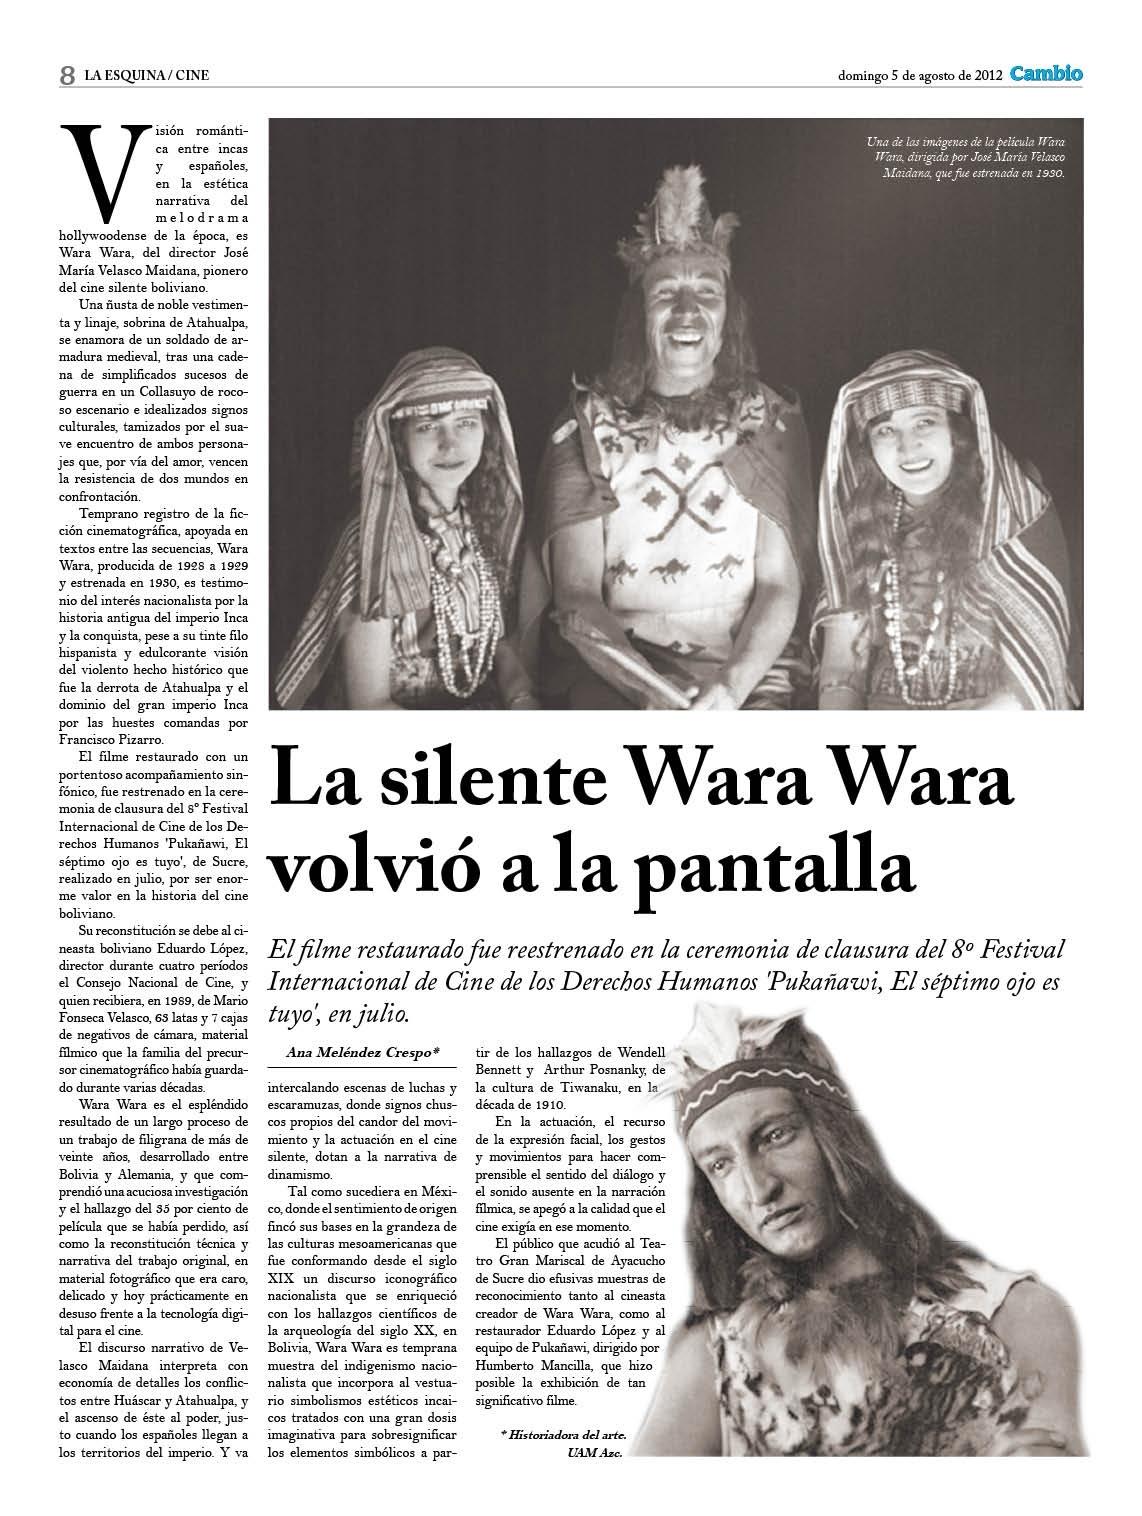 La silente Wara Wara volvió a la pantalla